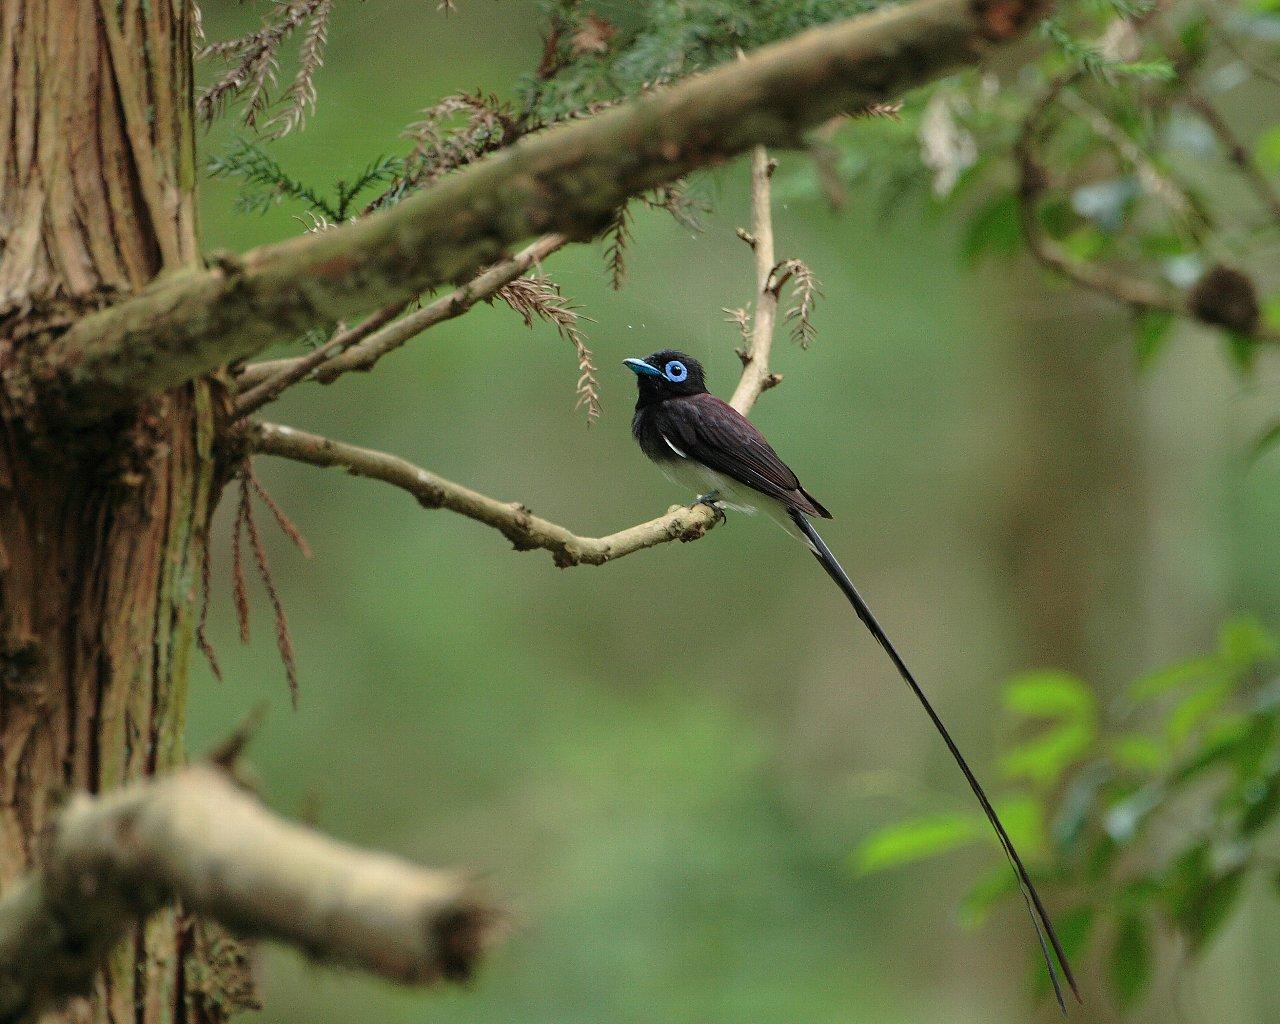 珍しく長い尾羽が綺麗に撮れました。_f0105570_2151173.jpg